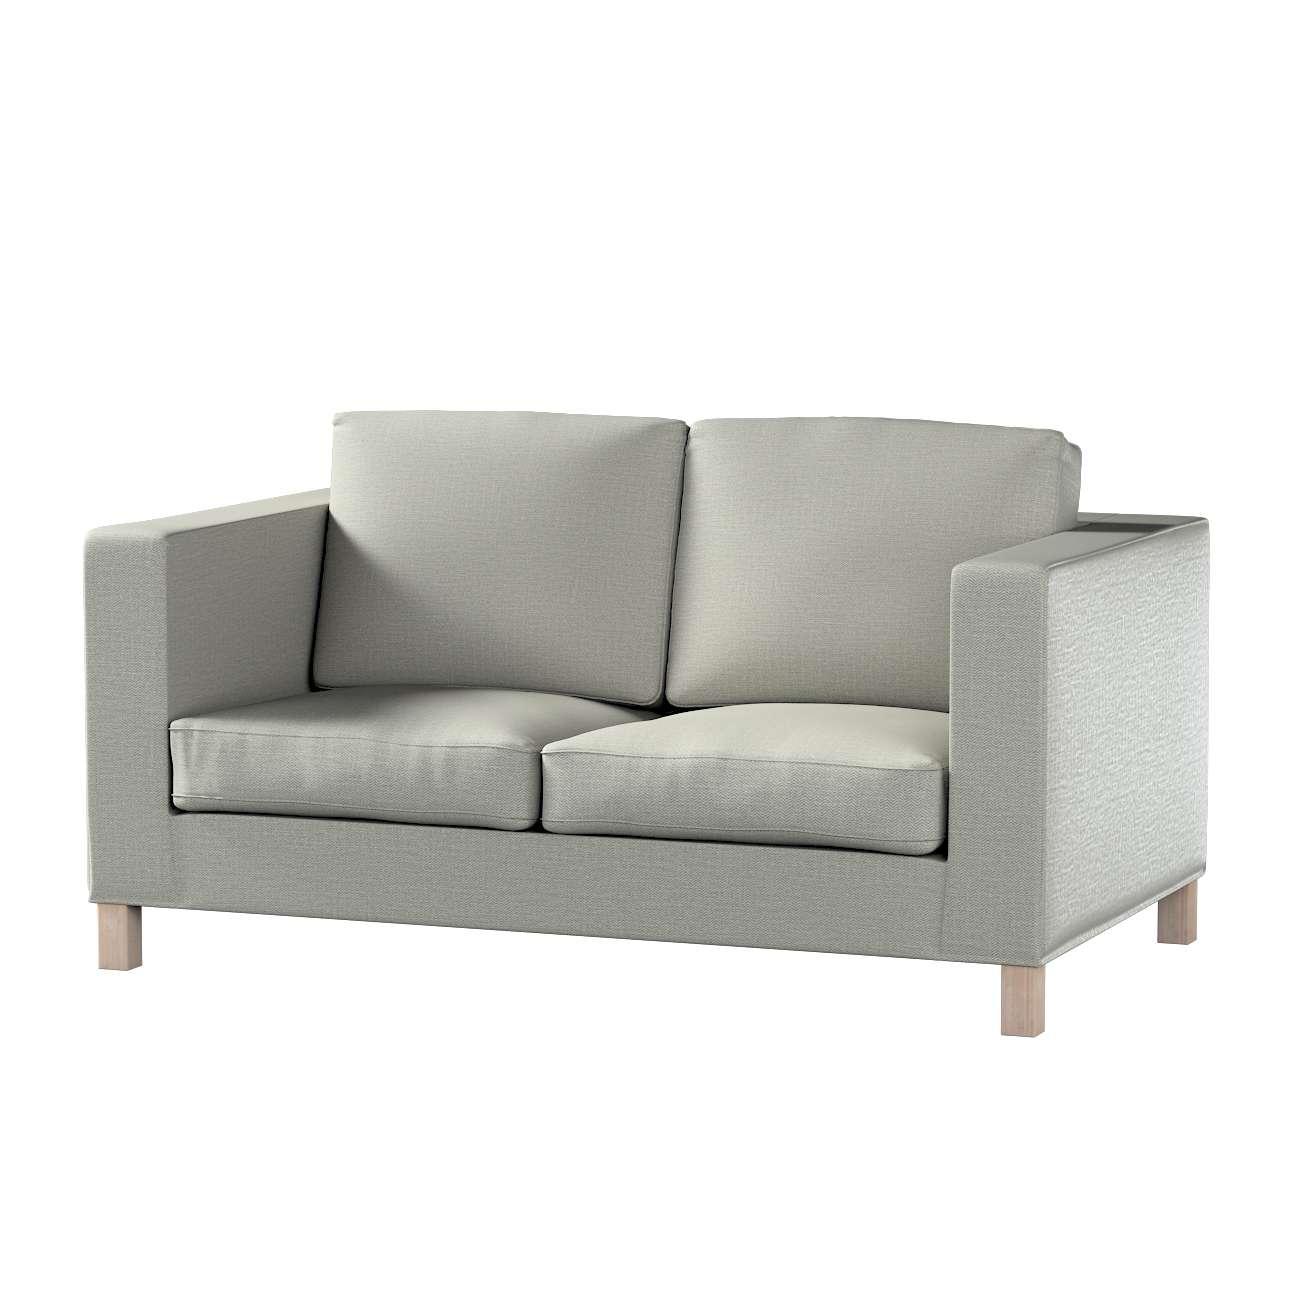 Pokrowiec na sofę Karlanda 2-osobową nierozkładaną, krótki w kolekcji Bergen, tkanina: 161-83